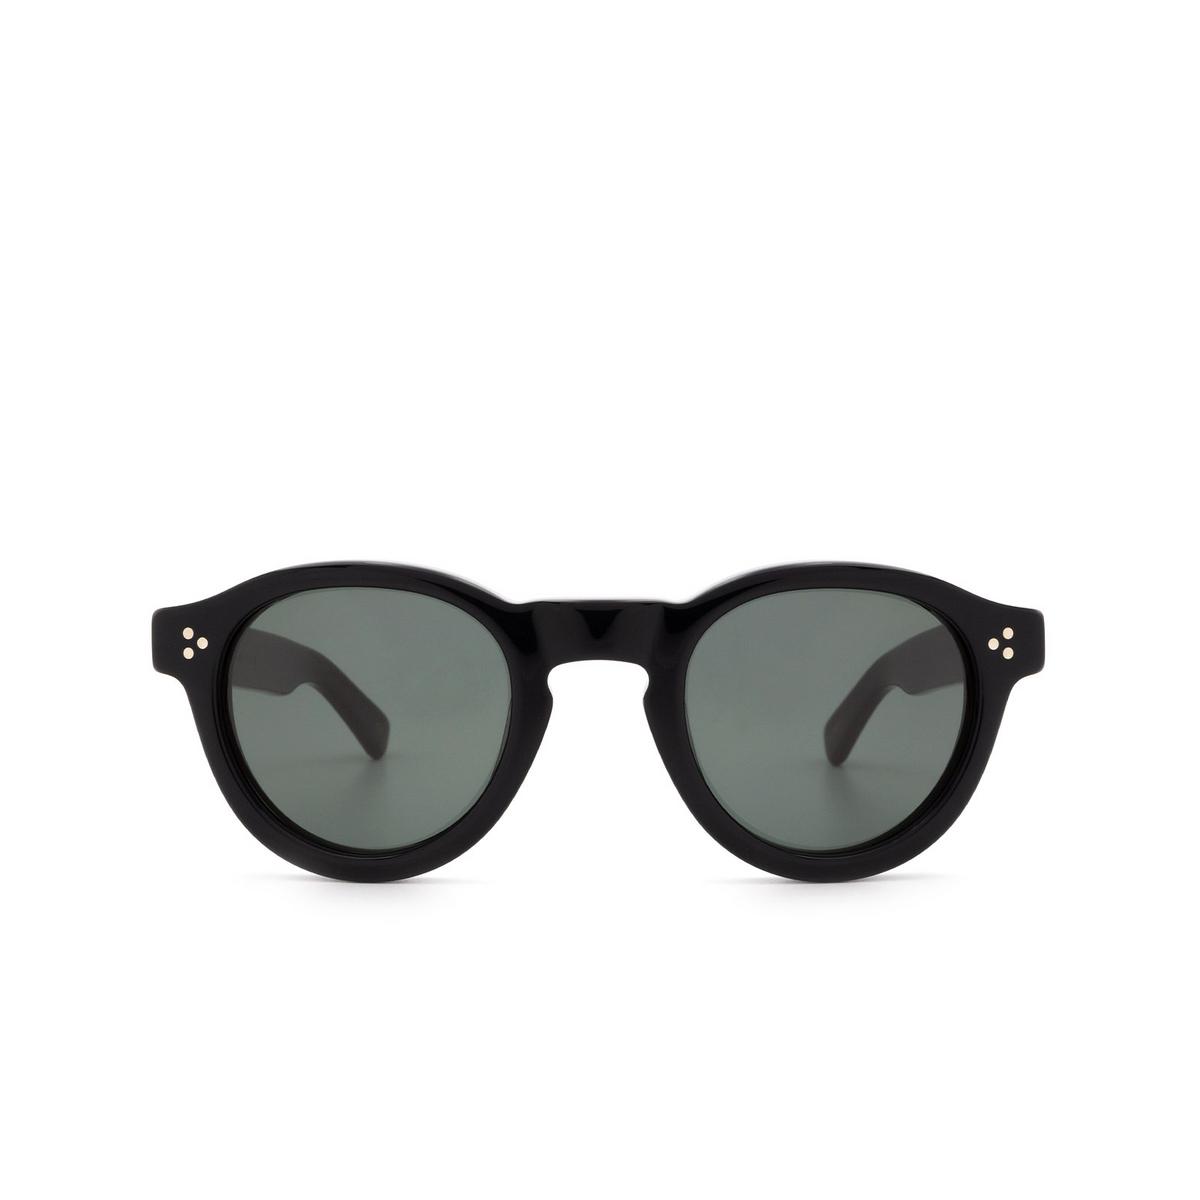 Lesca® Round Sunglasses: Gaston color Noir 5 - 1/3.